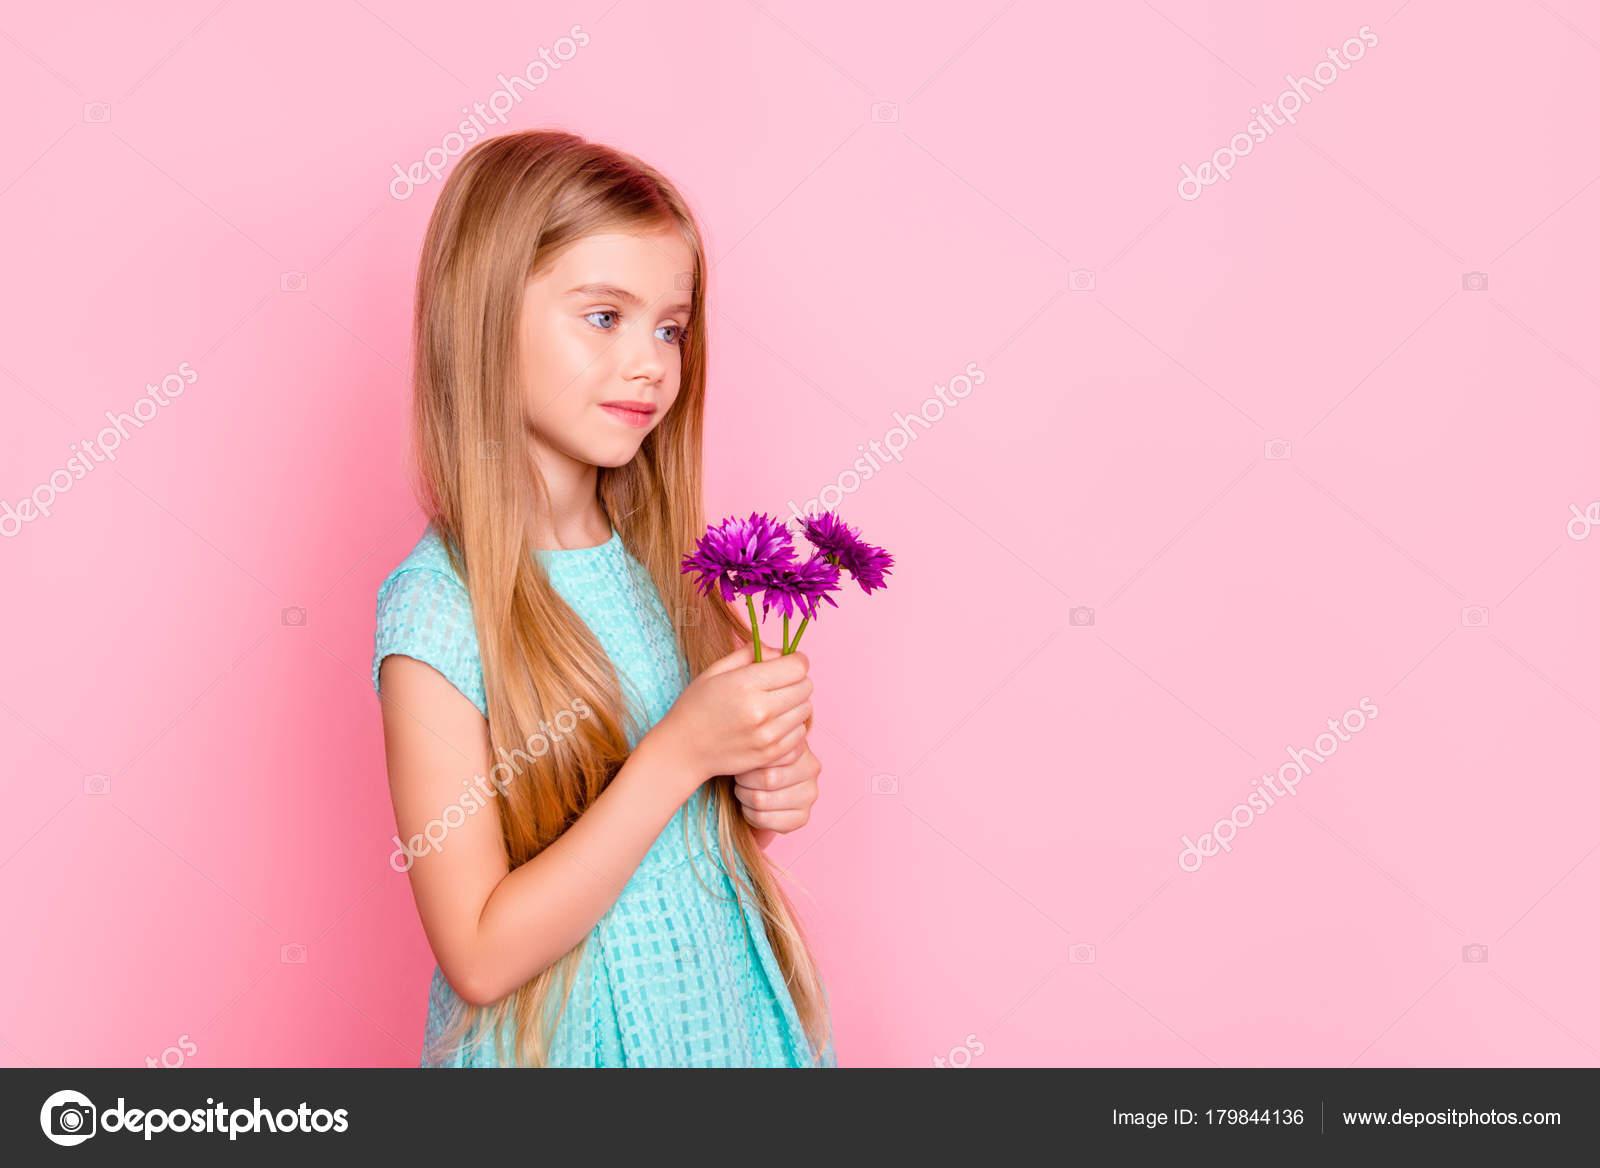 Concepto de inocencia pureza hermosura belleza y ternura. Cu — Foto ...